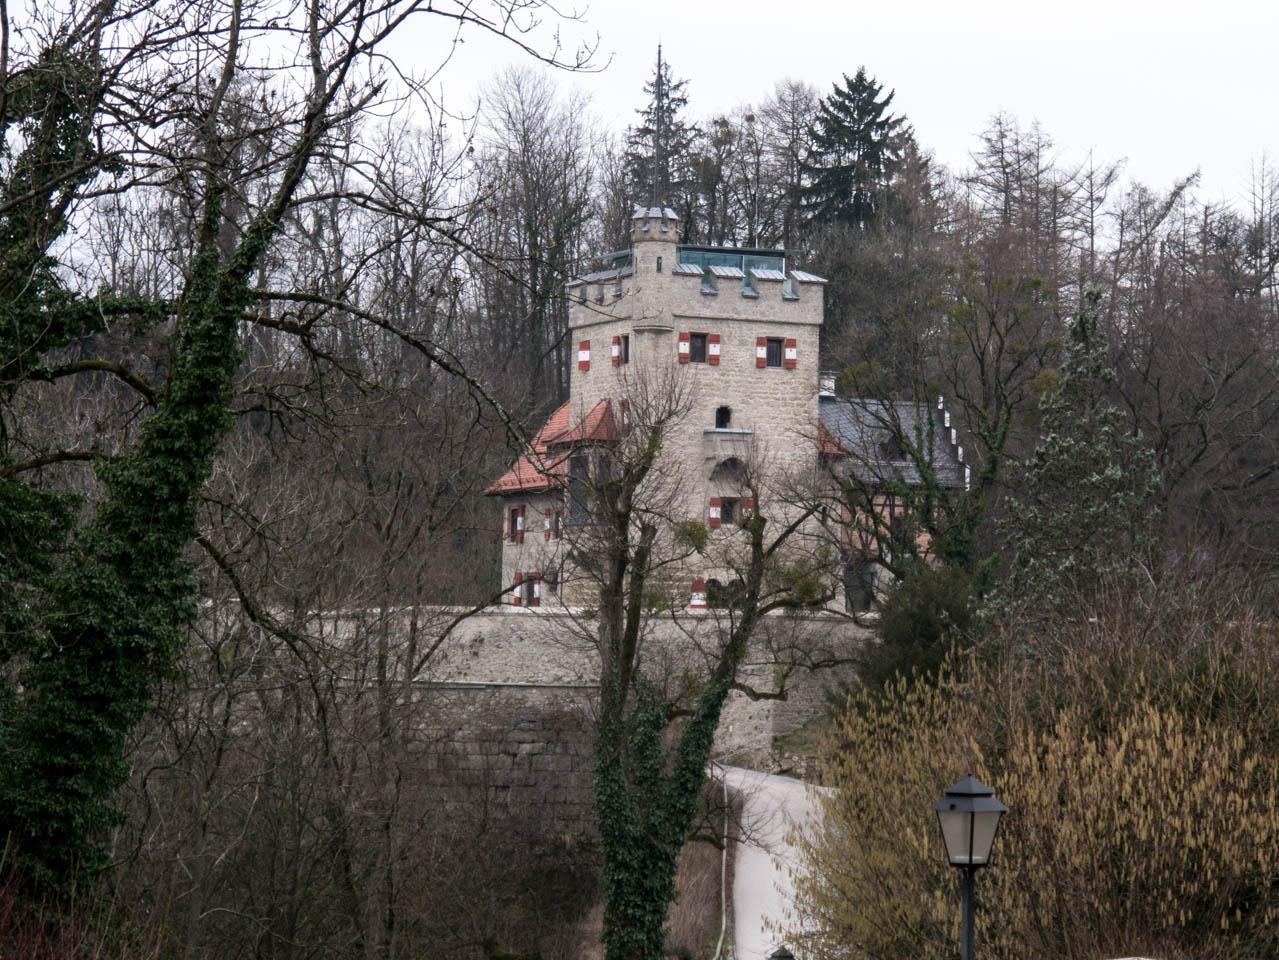 Spaziergang auf dem Mönchsberg (1 von 1)